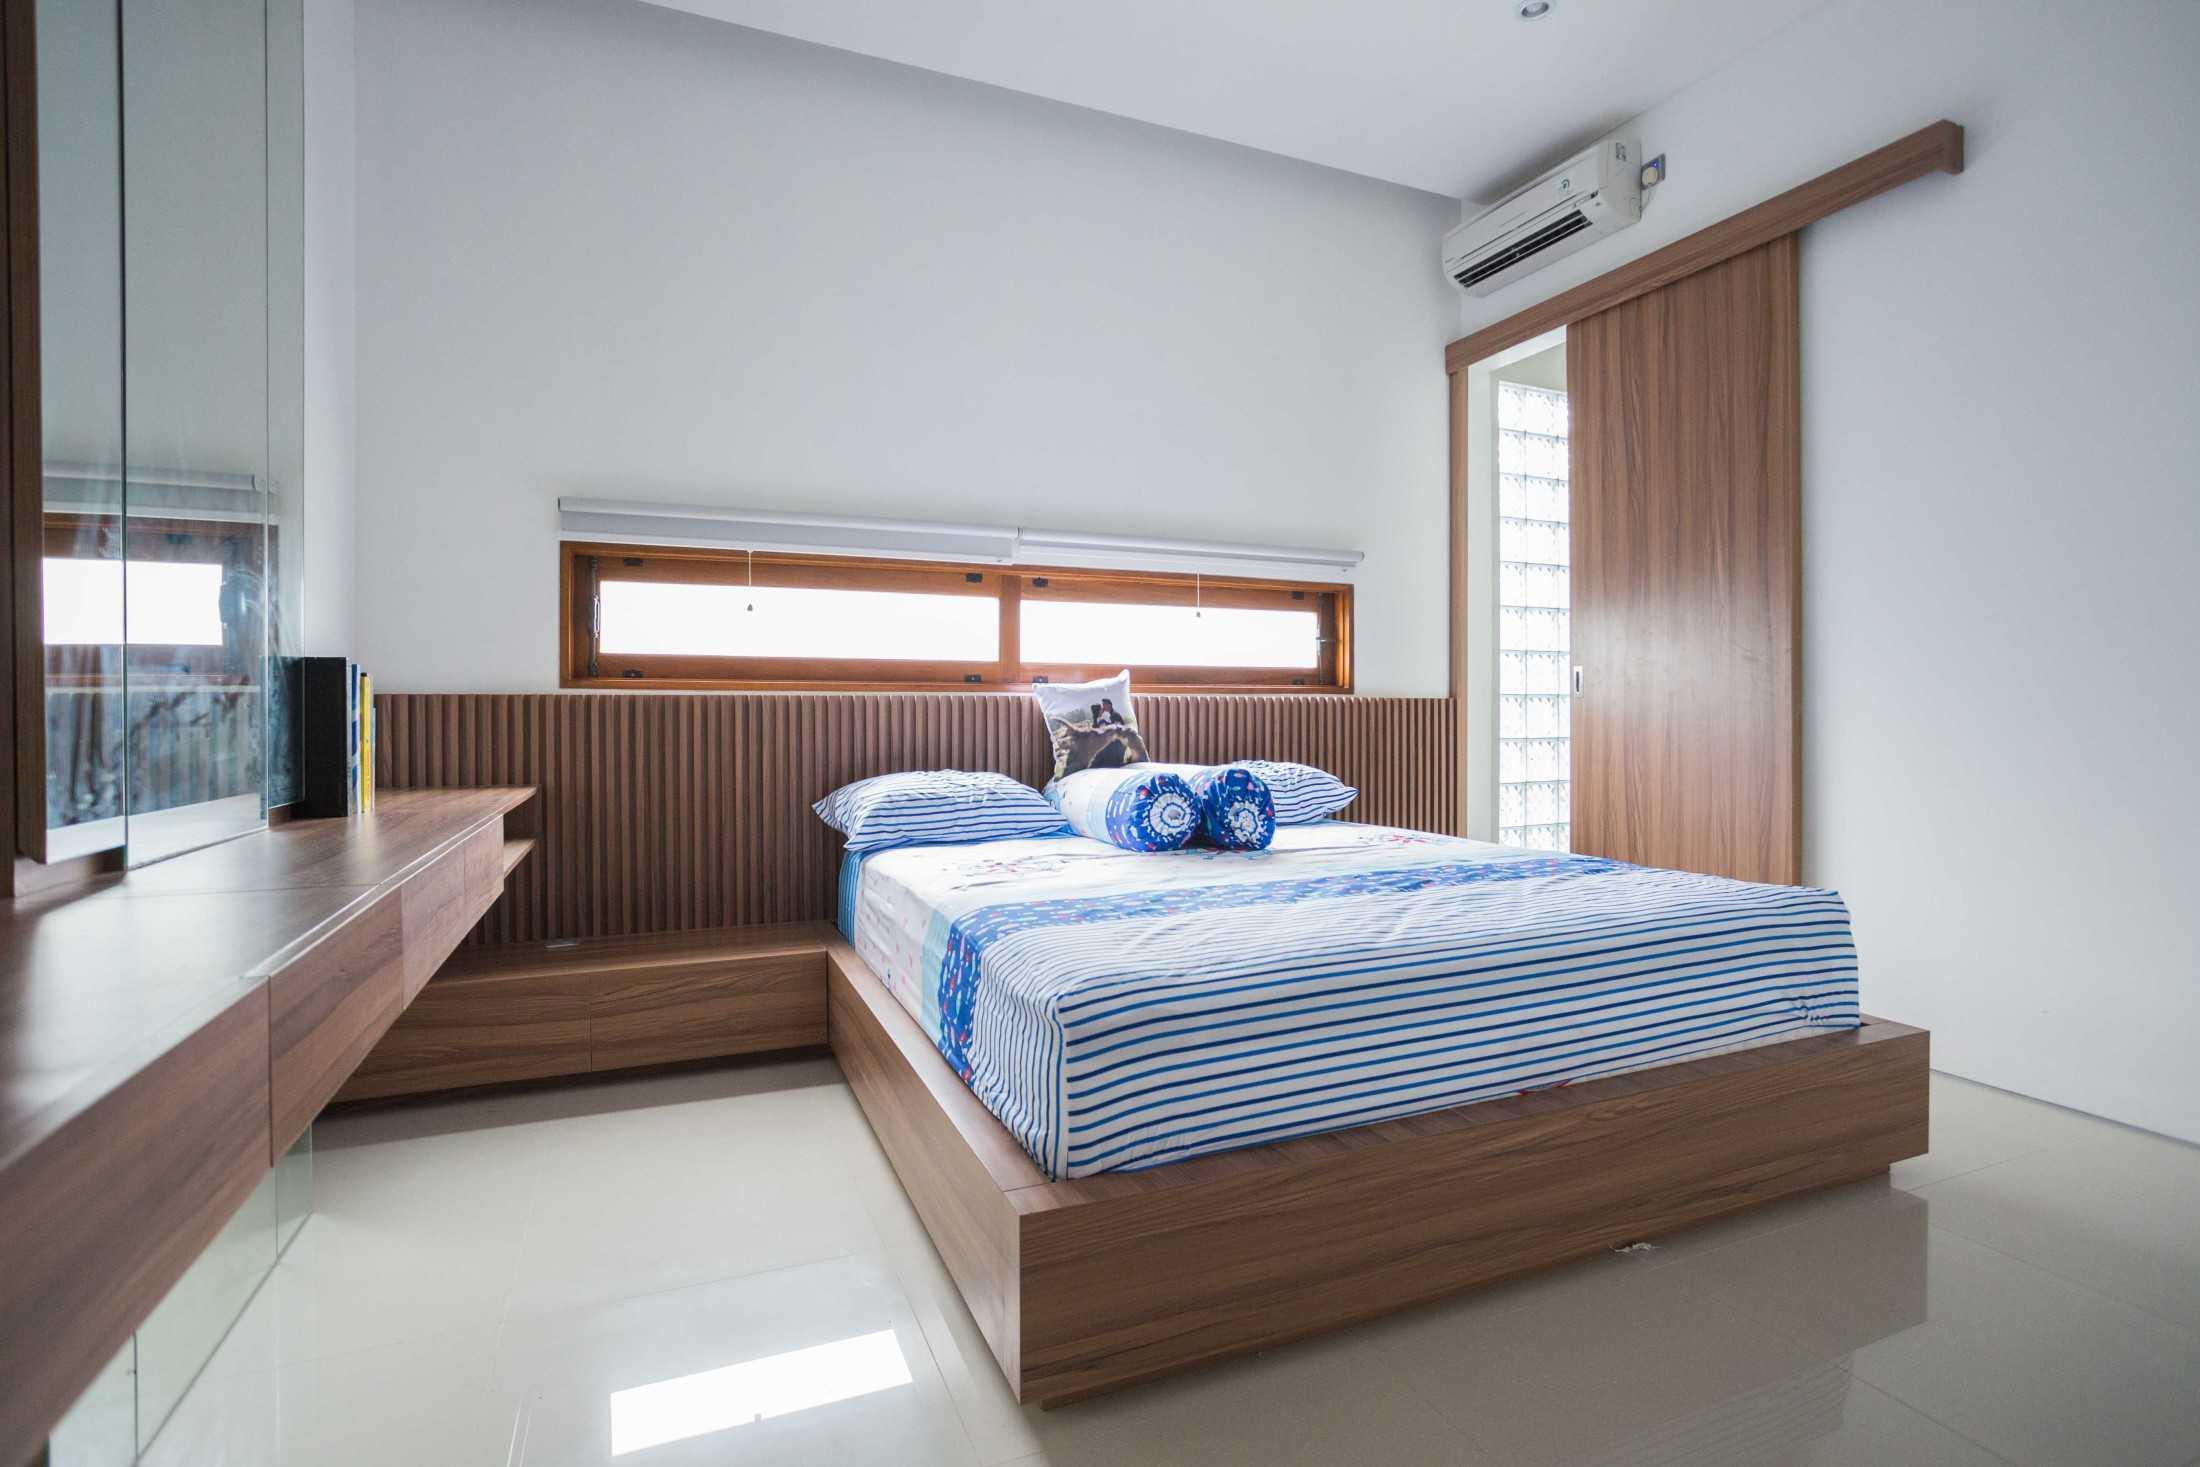 Guntur Haryadi Architecture Studio Ni House Depok, Kota Depok, Jawa Barat, Indonesia Depok, Kota Depok, Jawa Barat, Indonesia Guntur-Haryadi-Architecture-Studio-Ni-House  62616